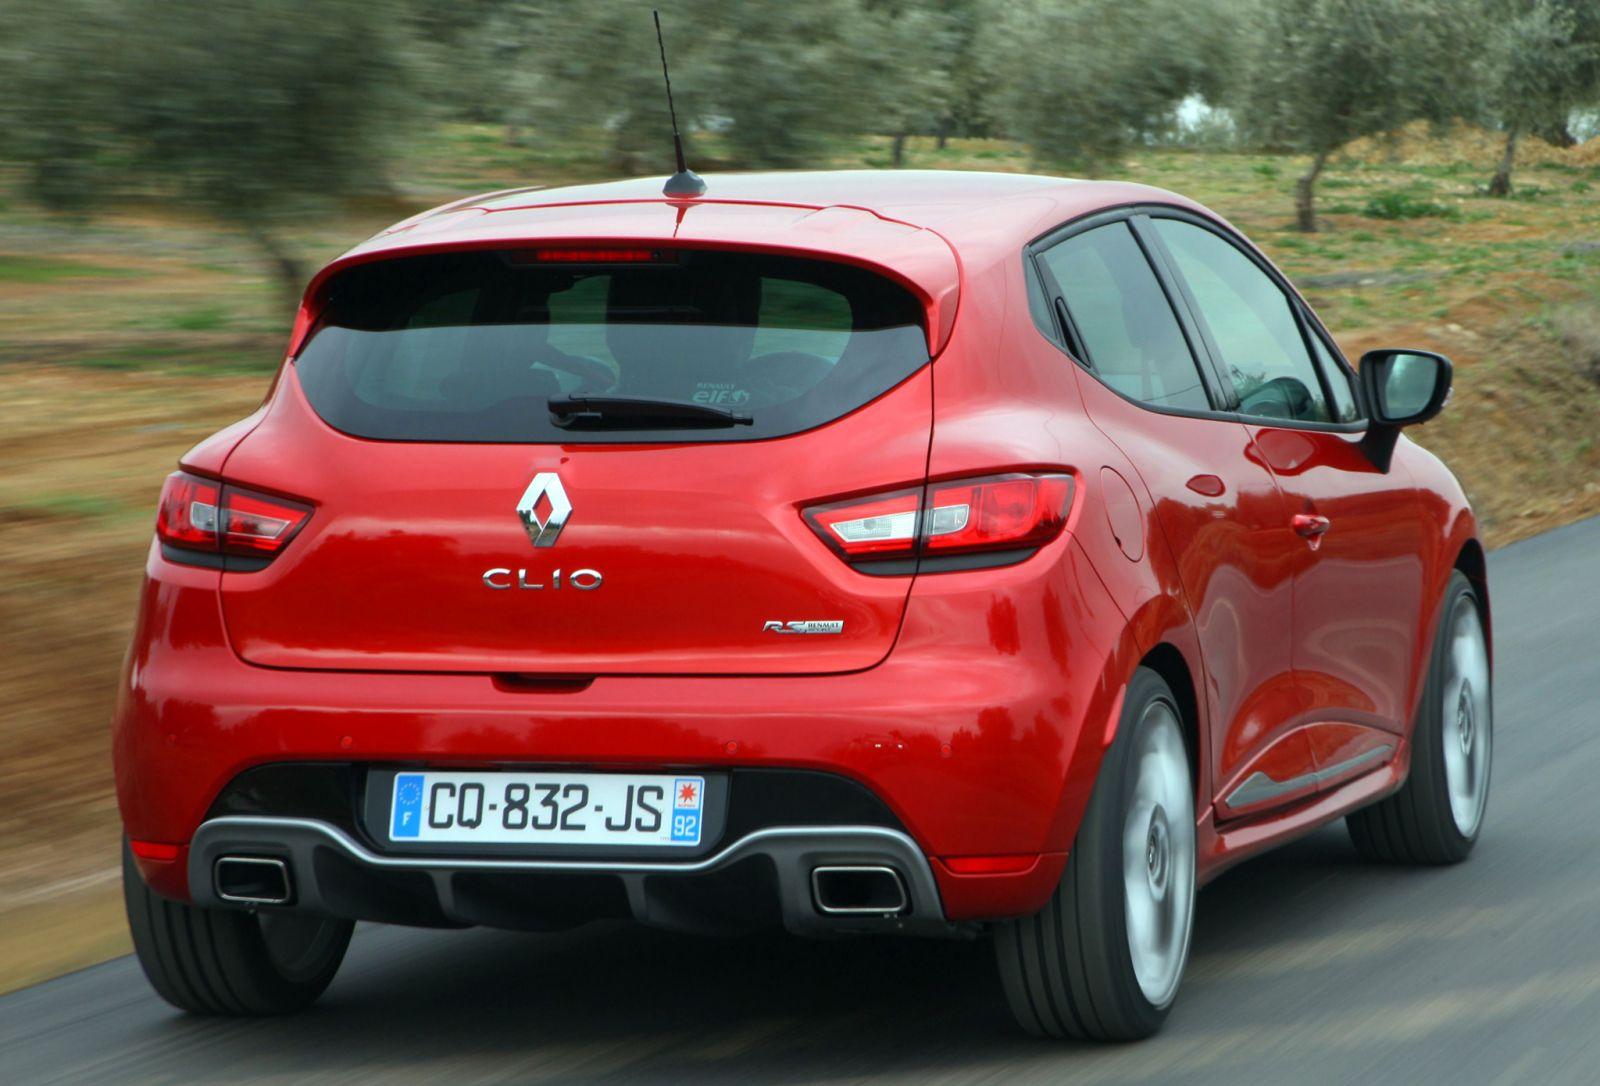 Novo Renault Clio com sistema Gear Shift Indicator